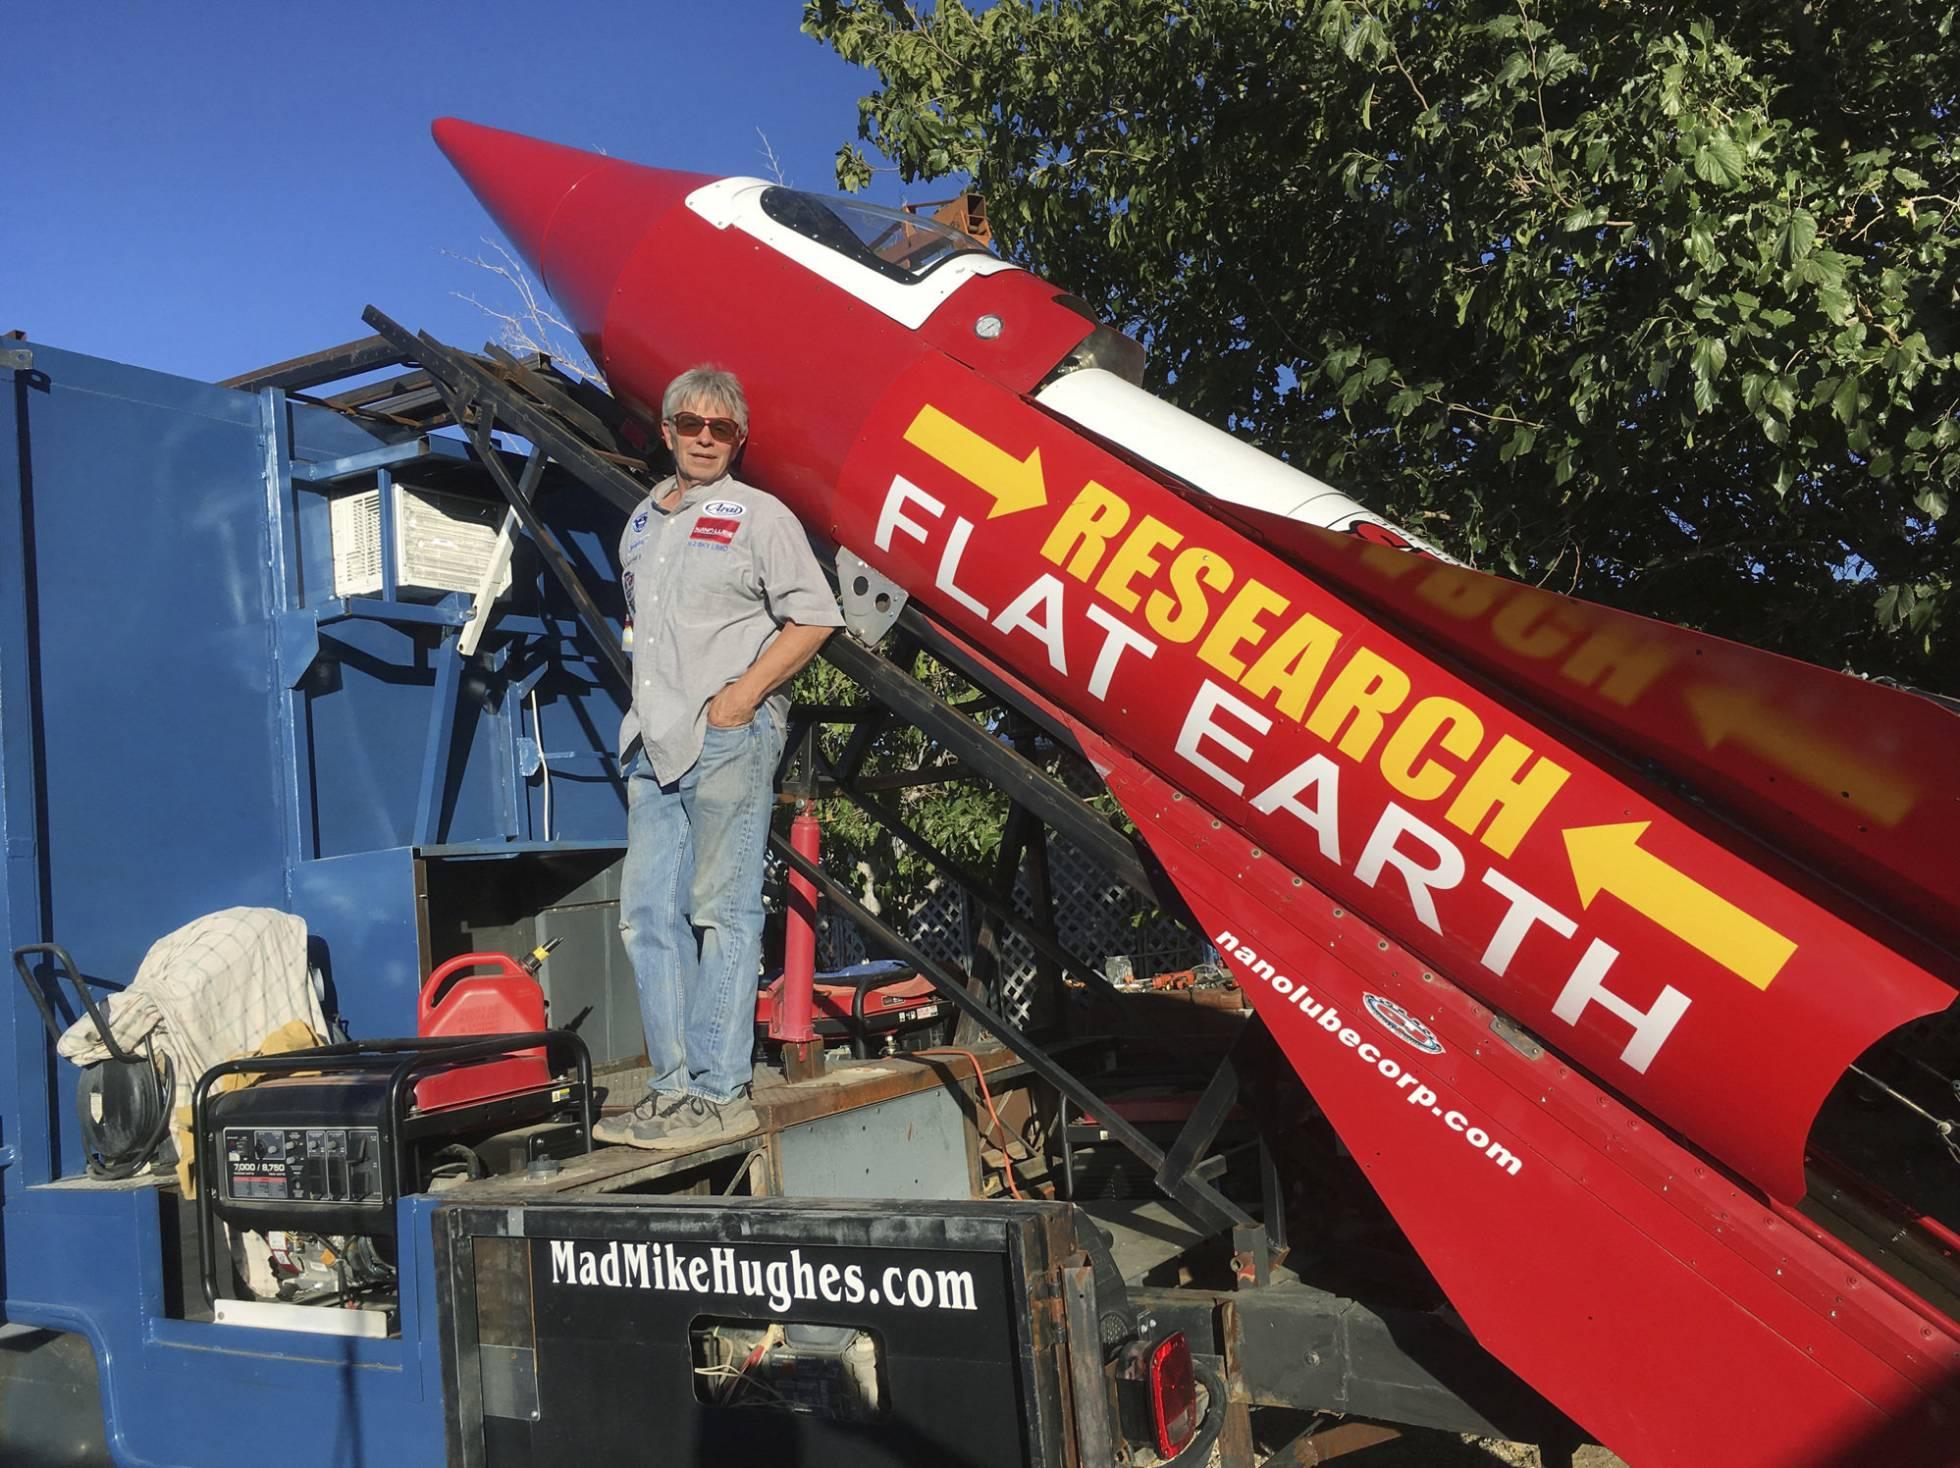 Hombre se lanzará en cohete para demostrar que la Tierra es plana